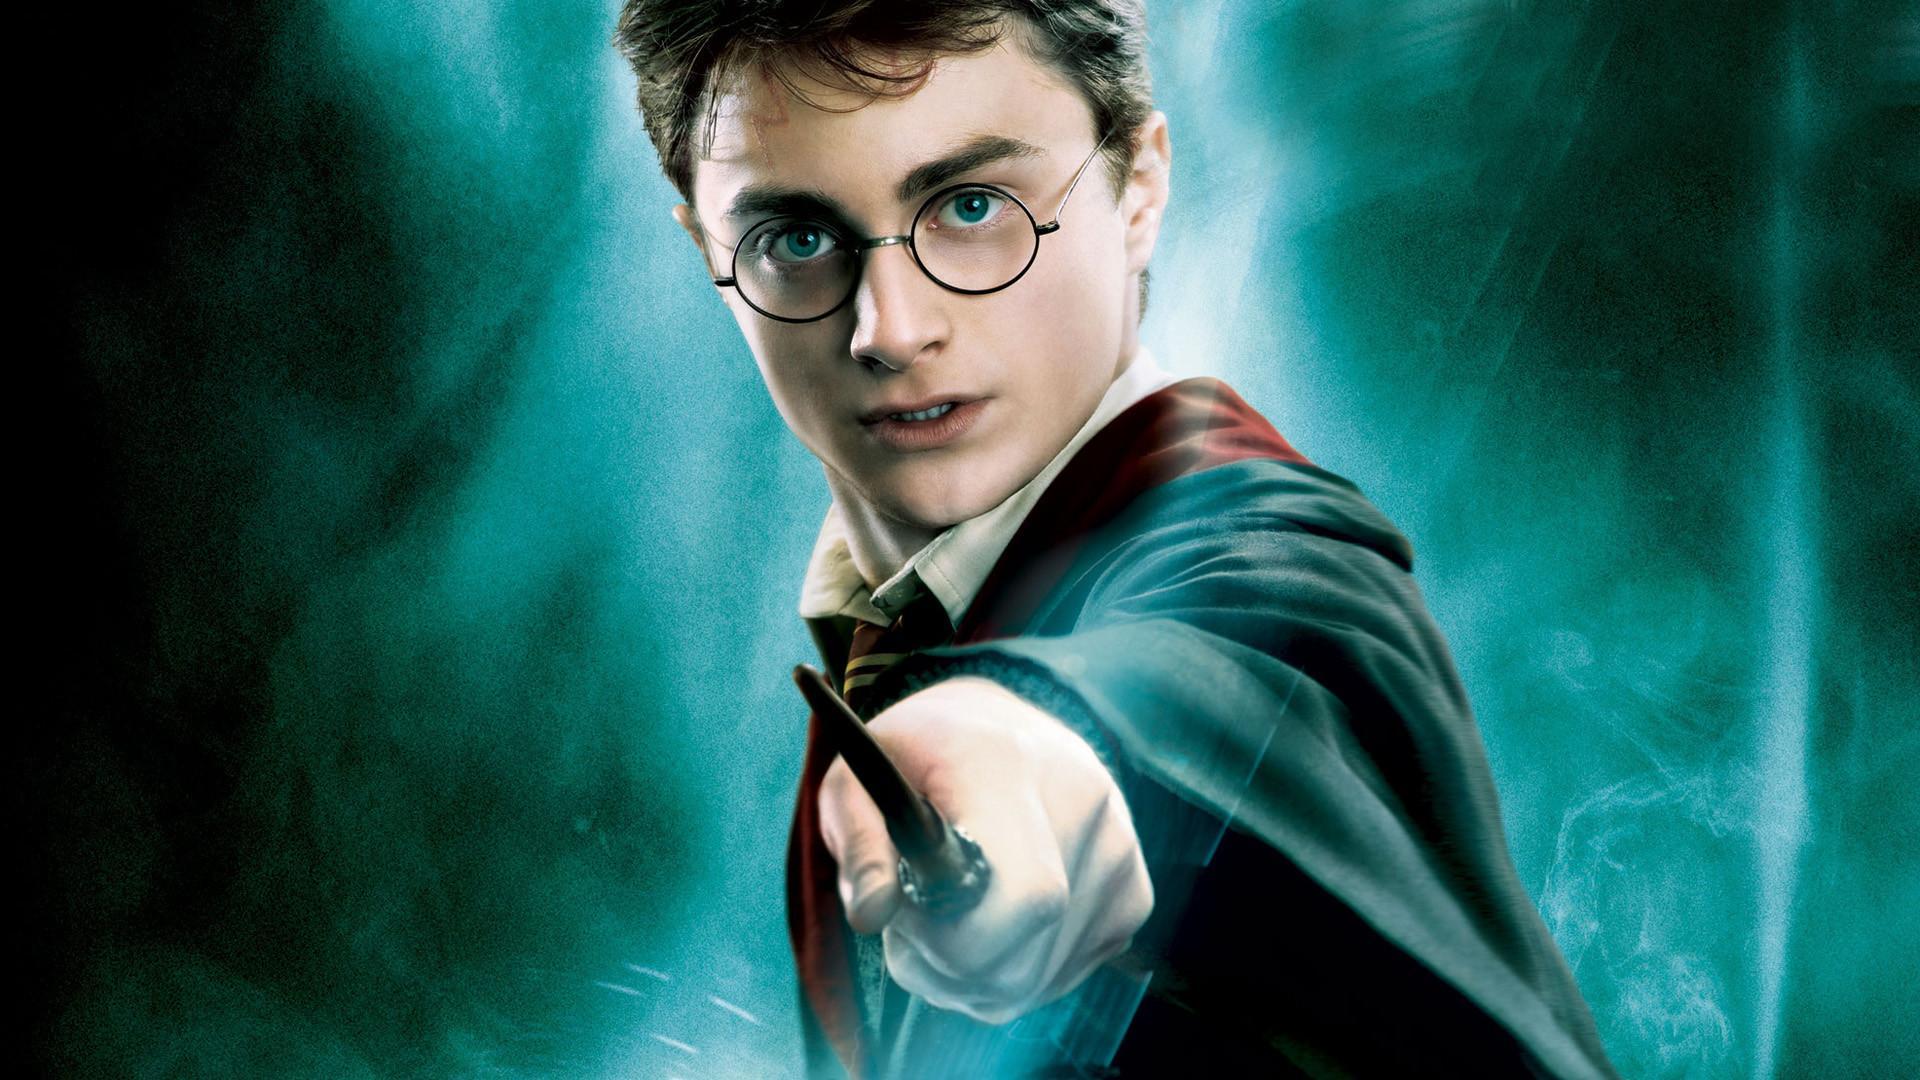 """I libri di """"Harry Potter"""" aiutano a combattere discriminazioni e pregiudizi, ecco lo studio che lo dimostra"""